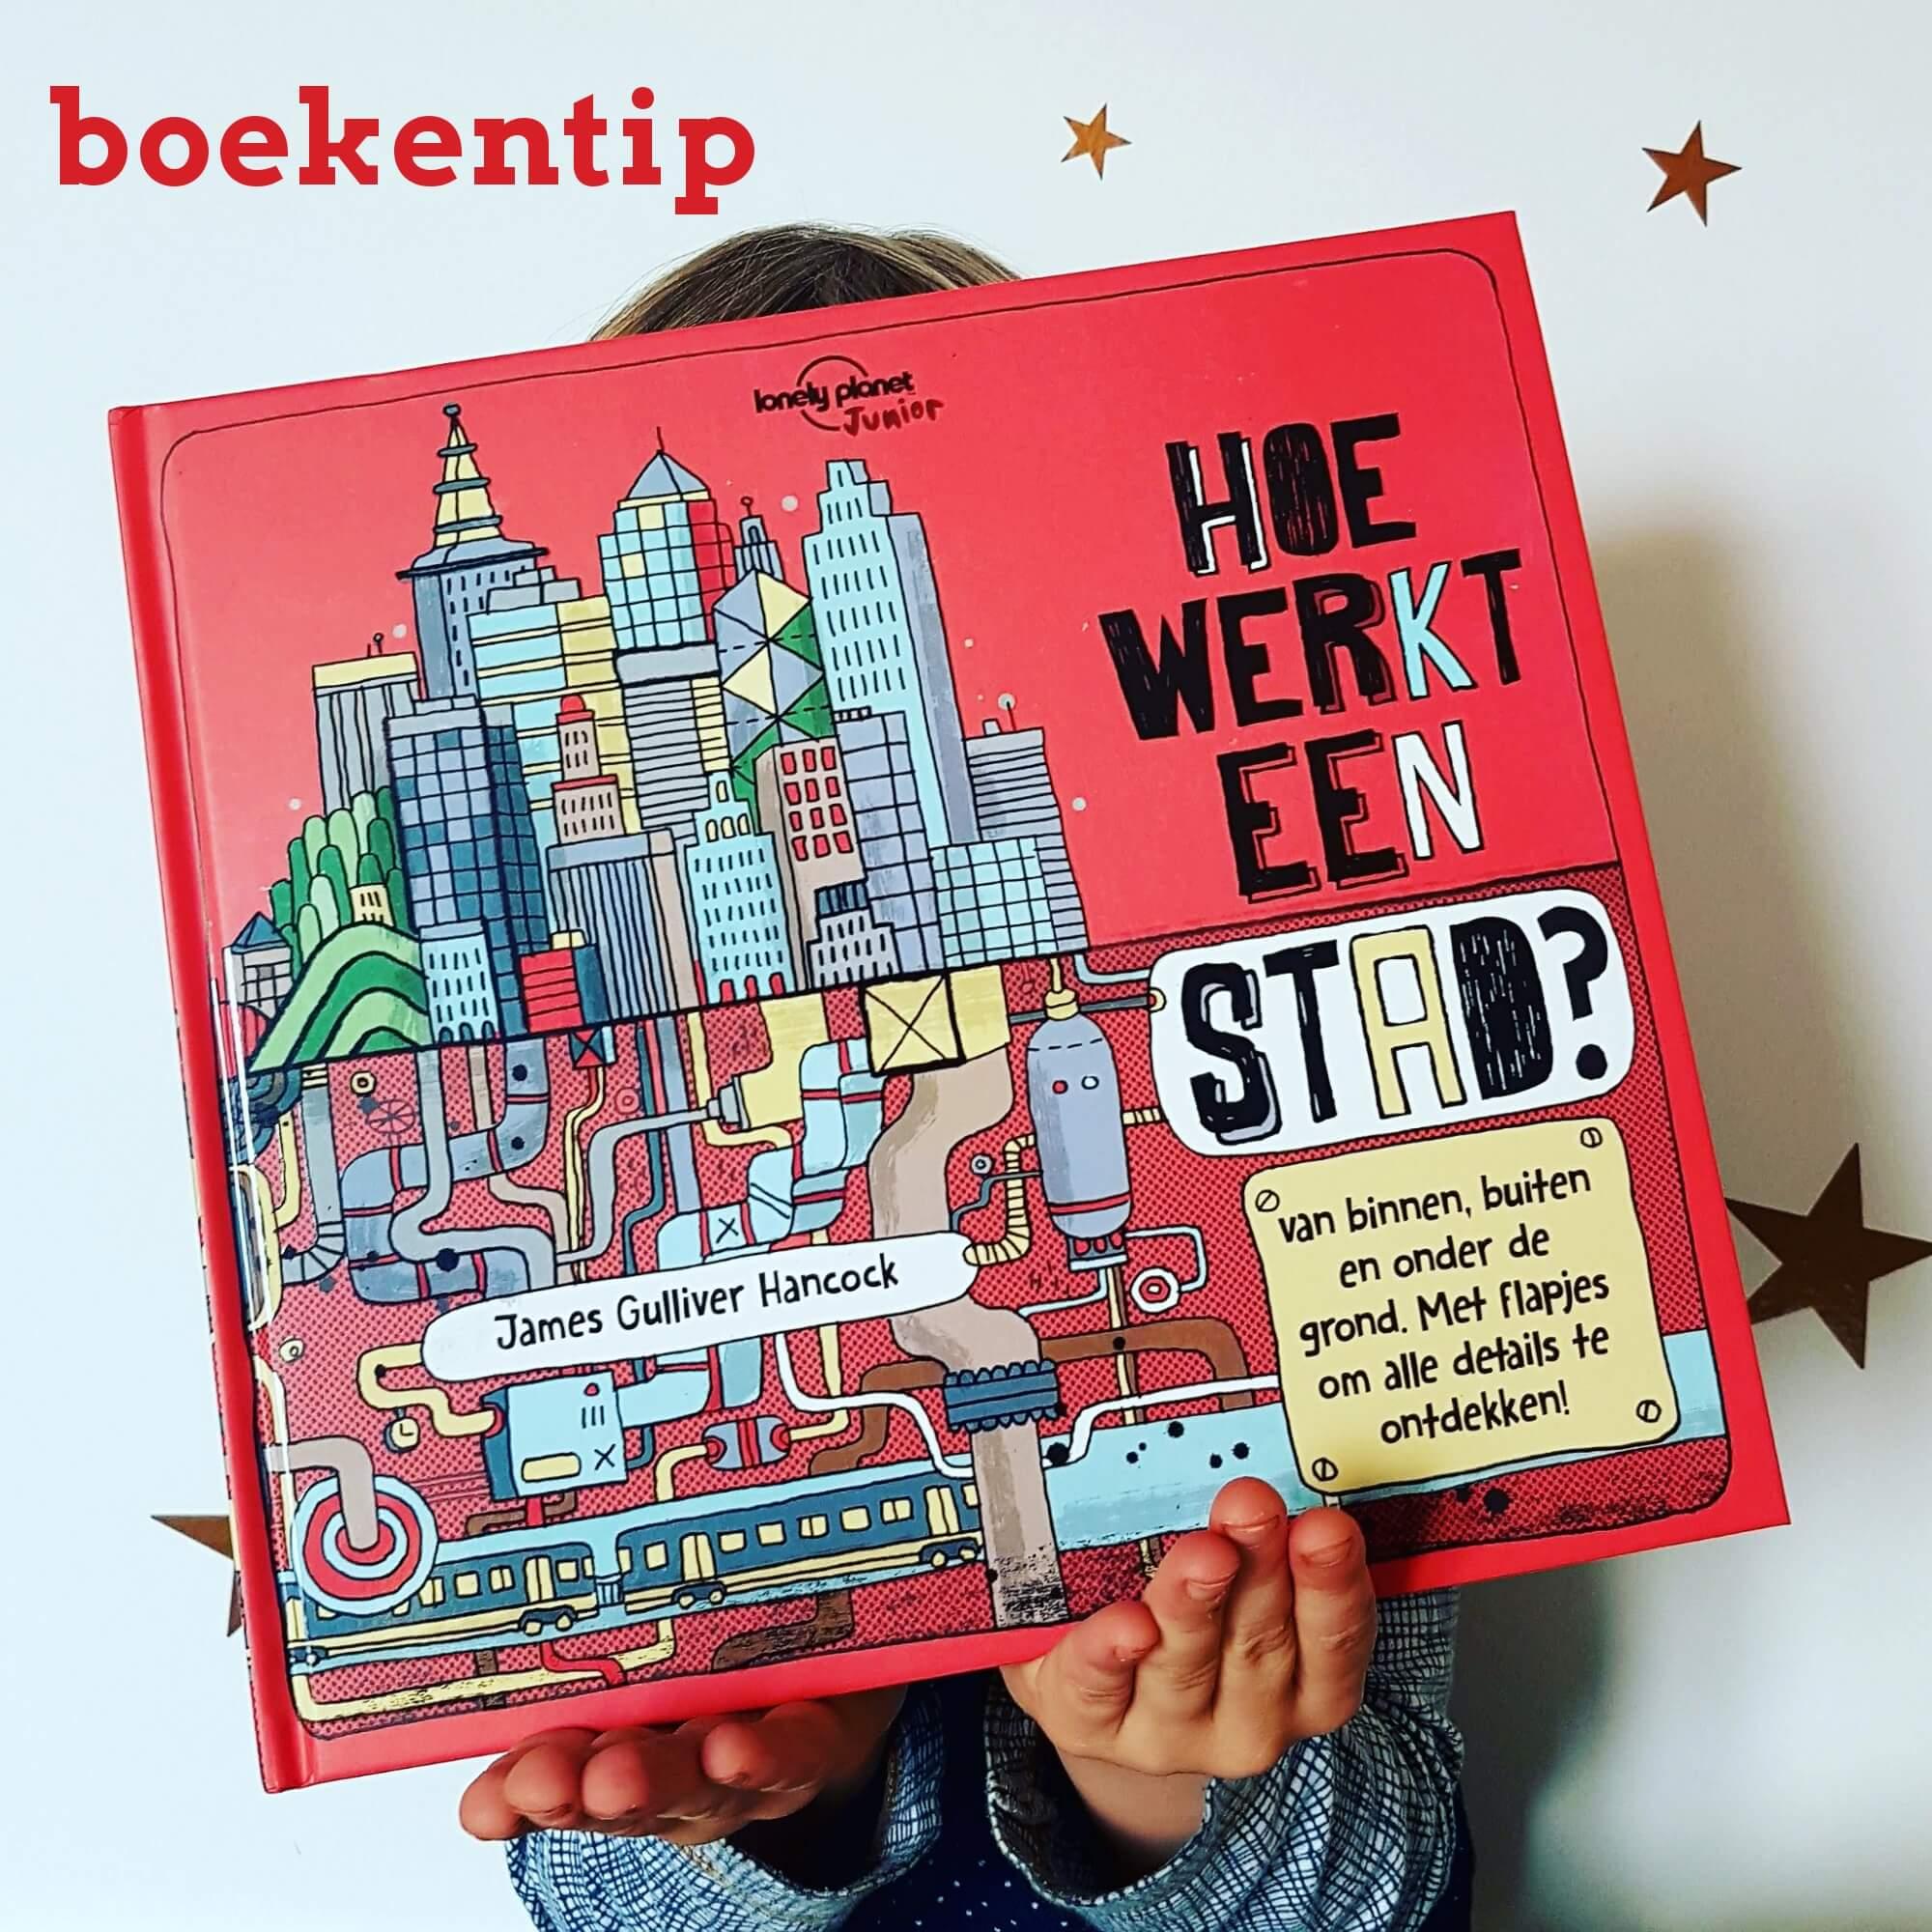 Boekentip: uitklapboek over hoe een stad werkt van Lonely Planet: hoe werkt een stad?